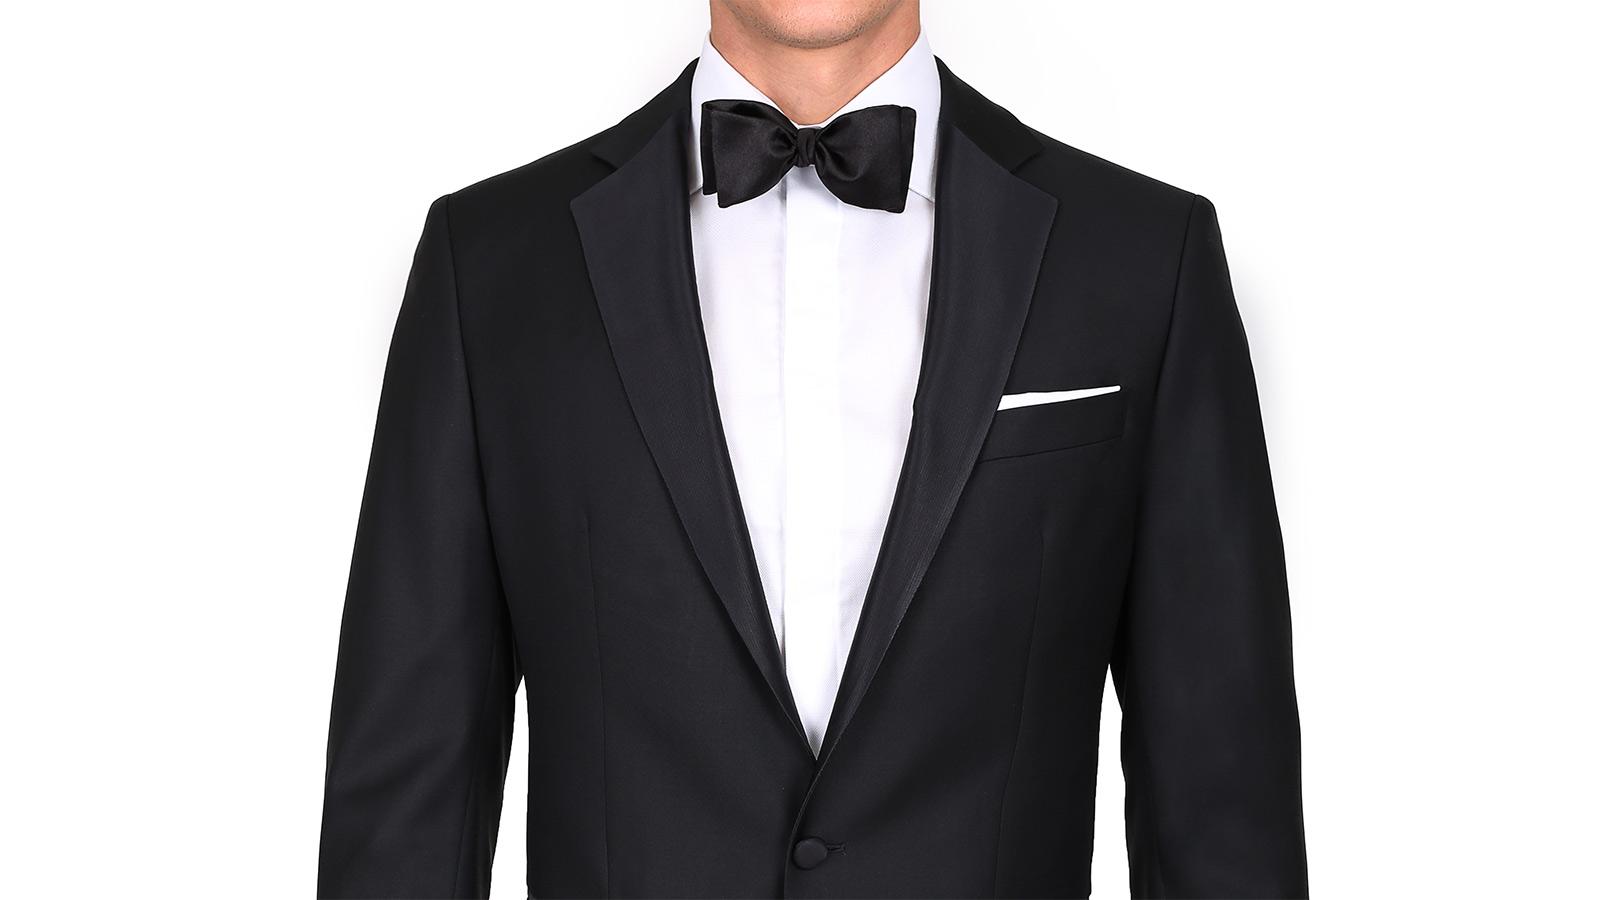 Tuxedo in Black Wool - slider image 1